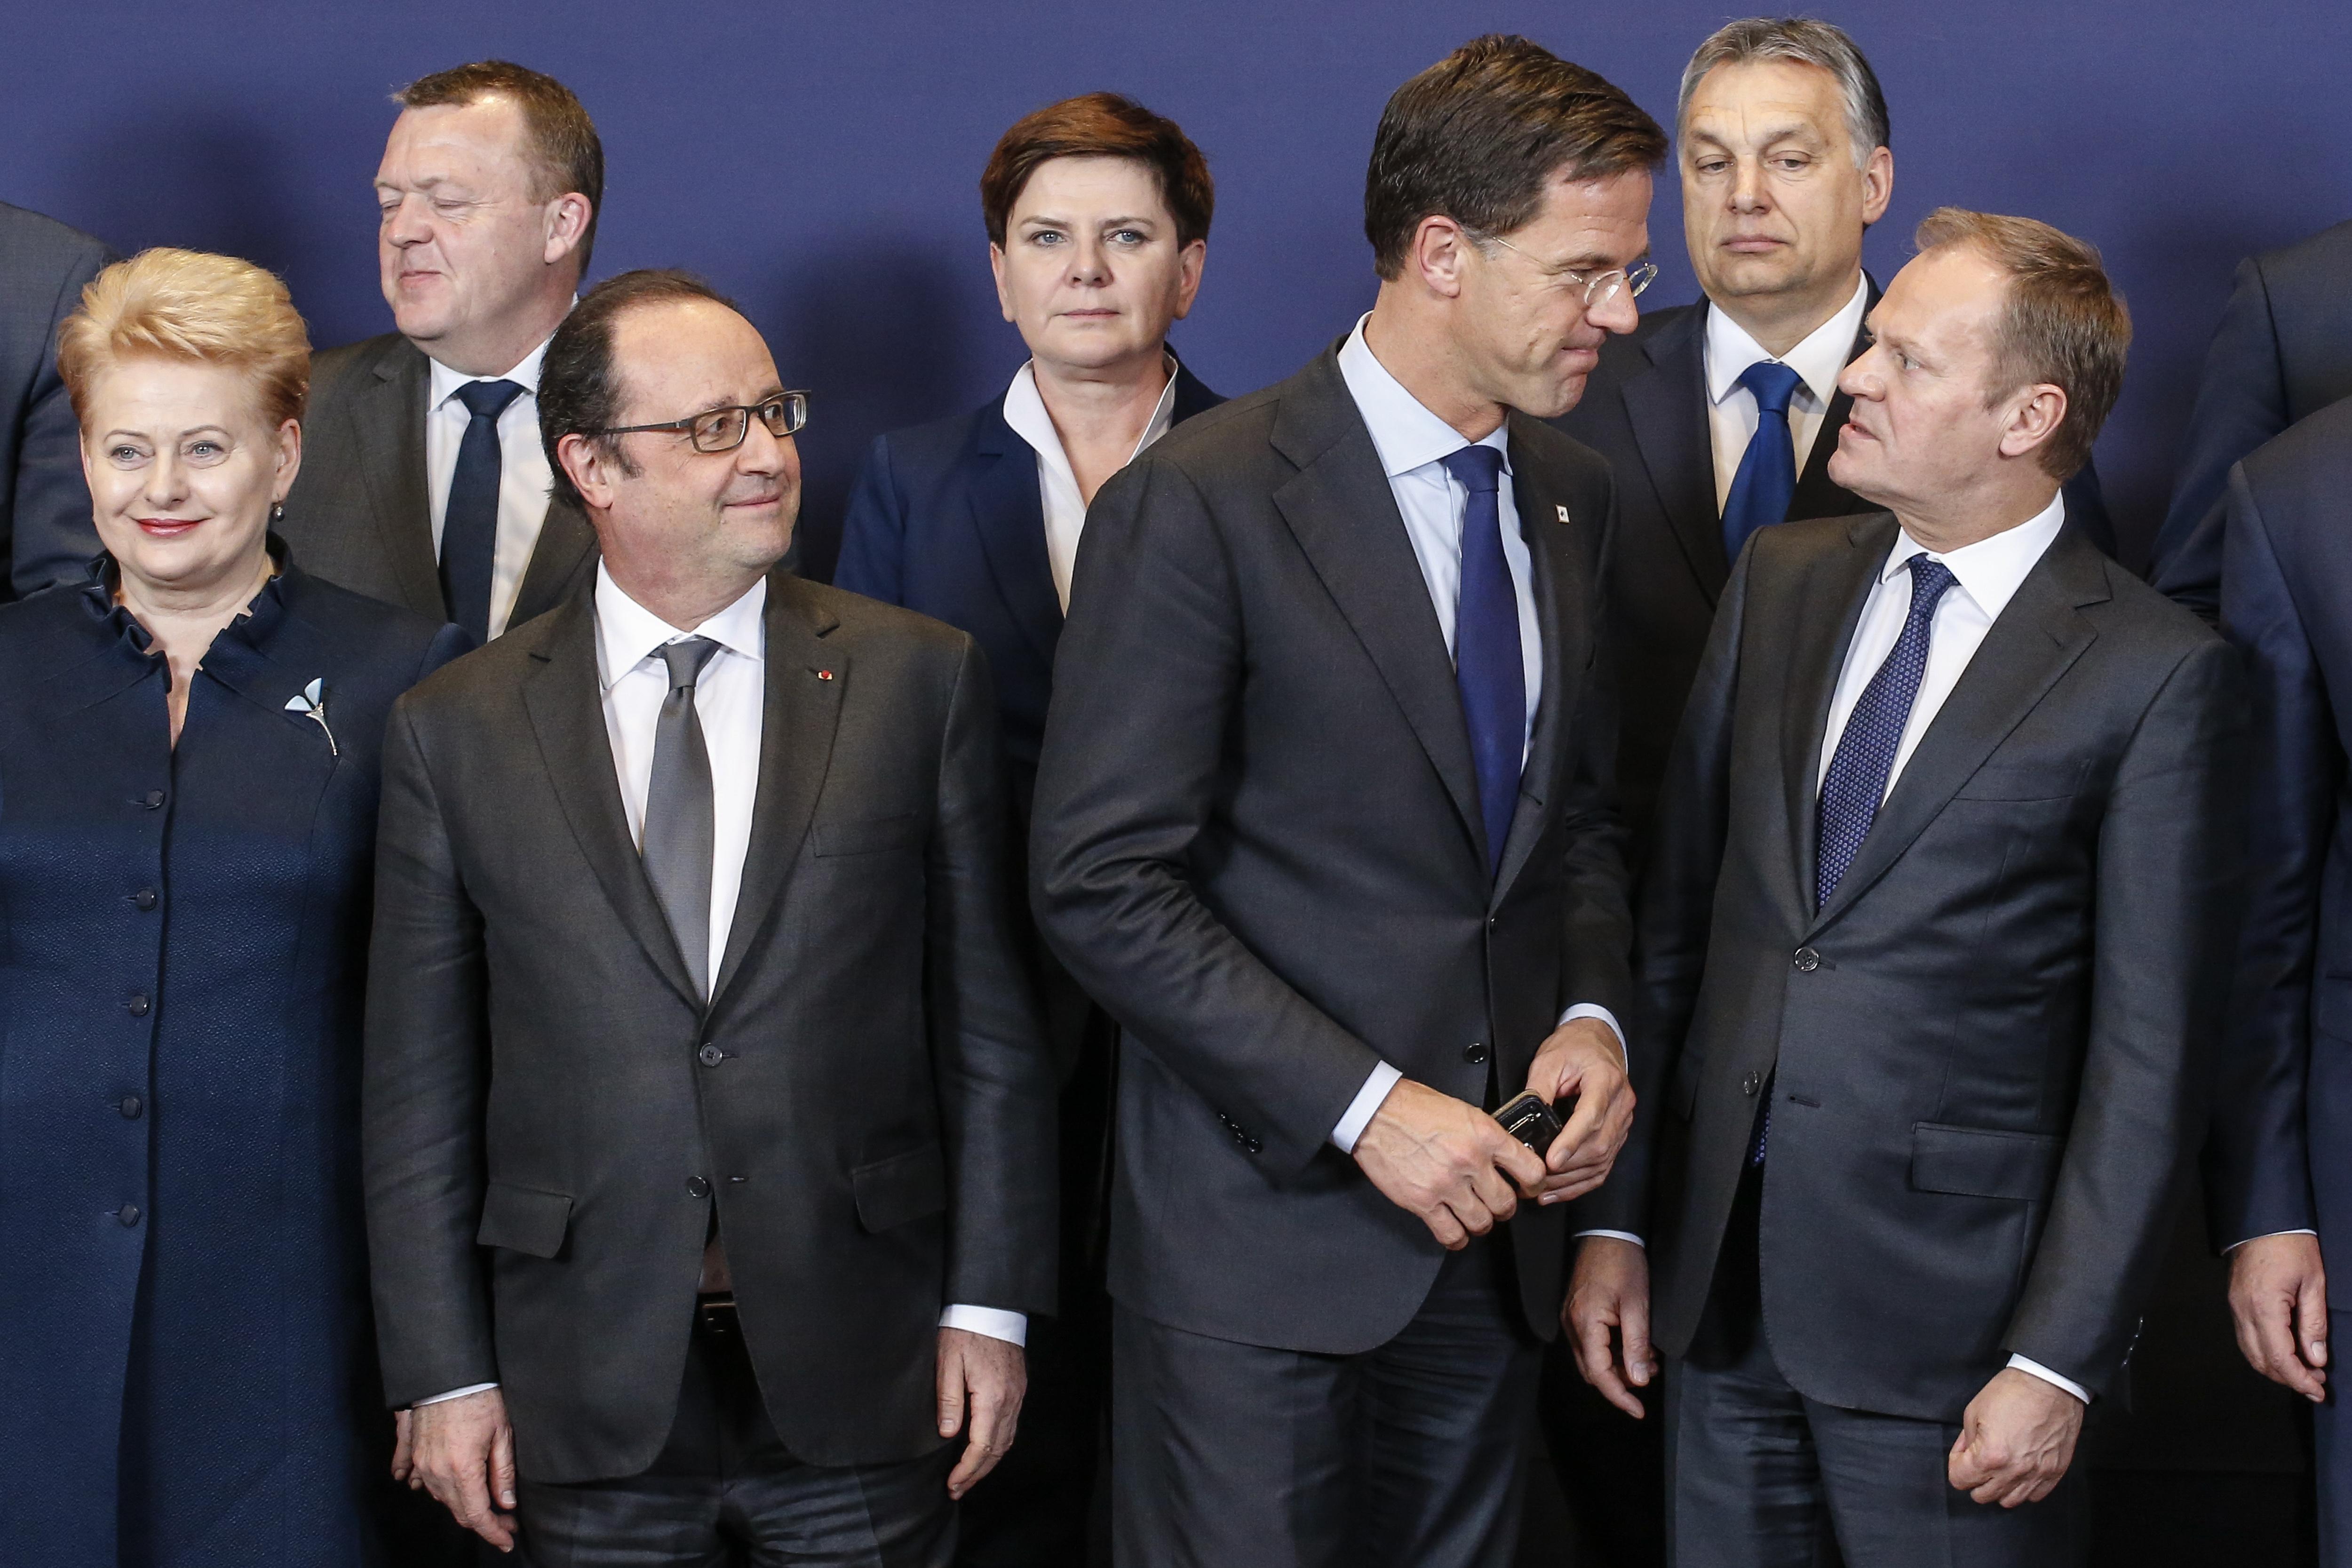 Az európai vezetők egymással már megegyeztek, már csak a törököket kell meggyőzniük